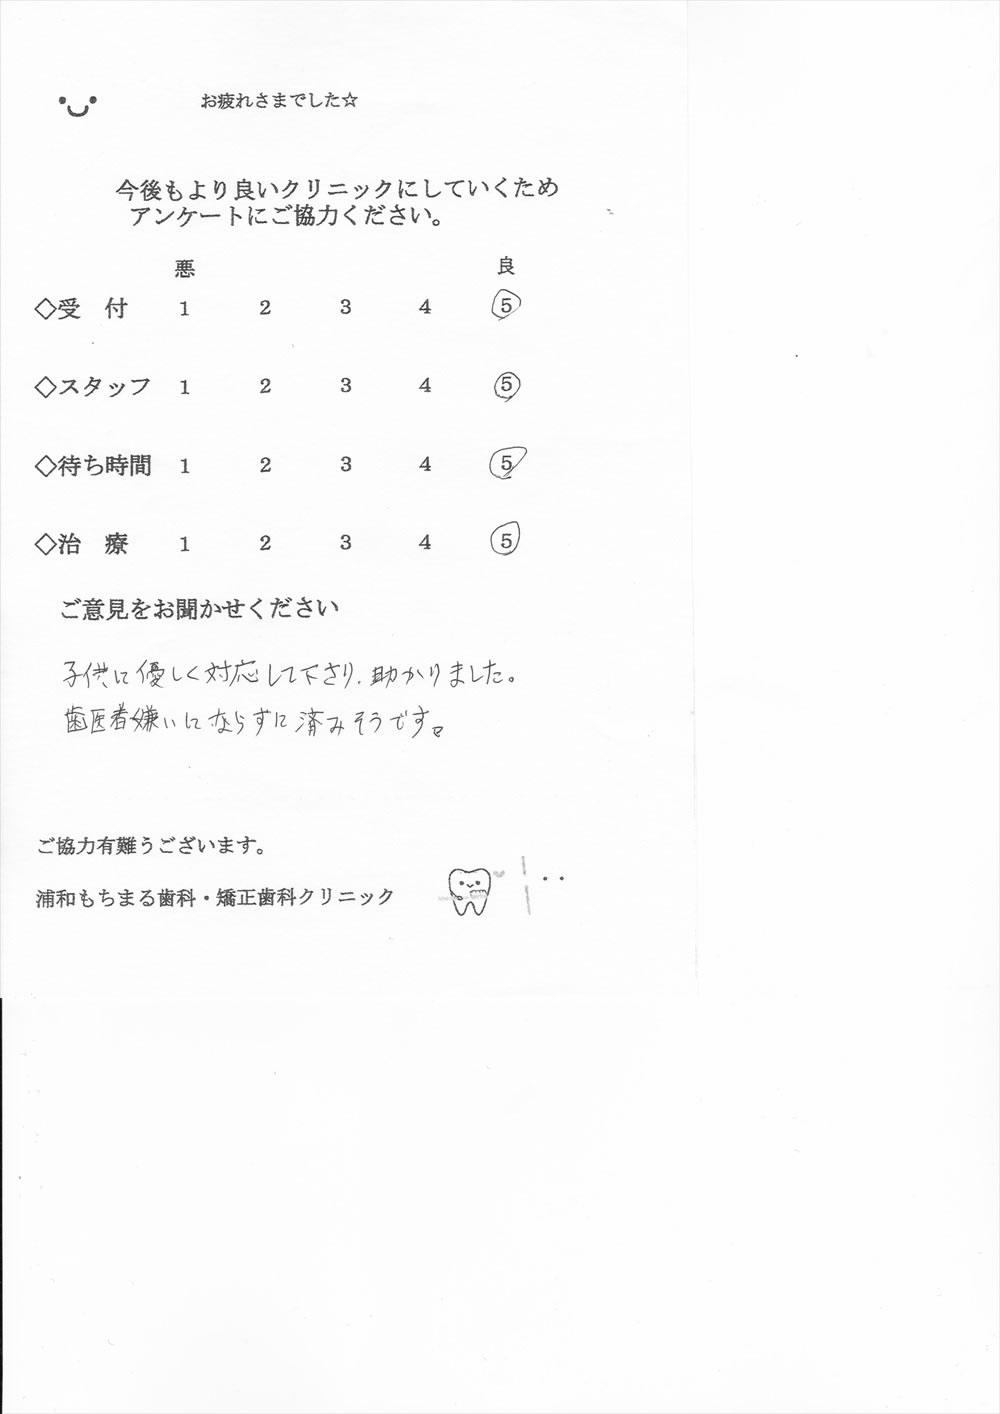 浦和もちまる歯科・矯正歯科の口コミ・評判アンケート11